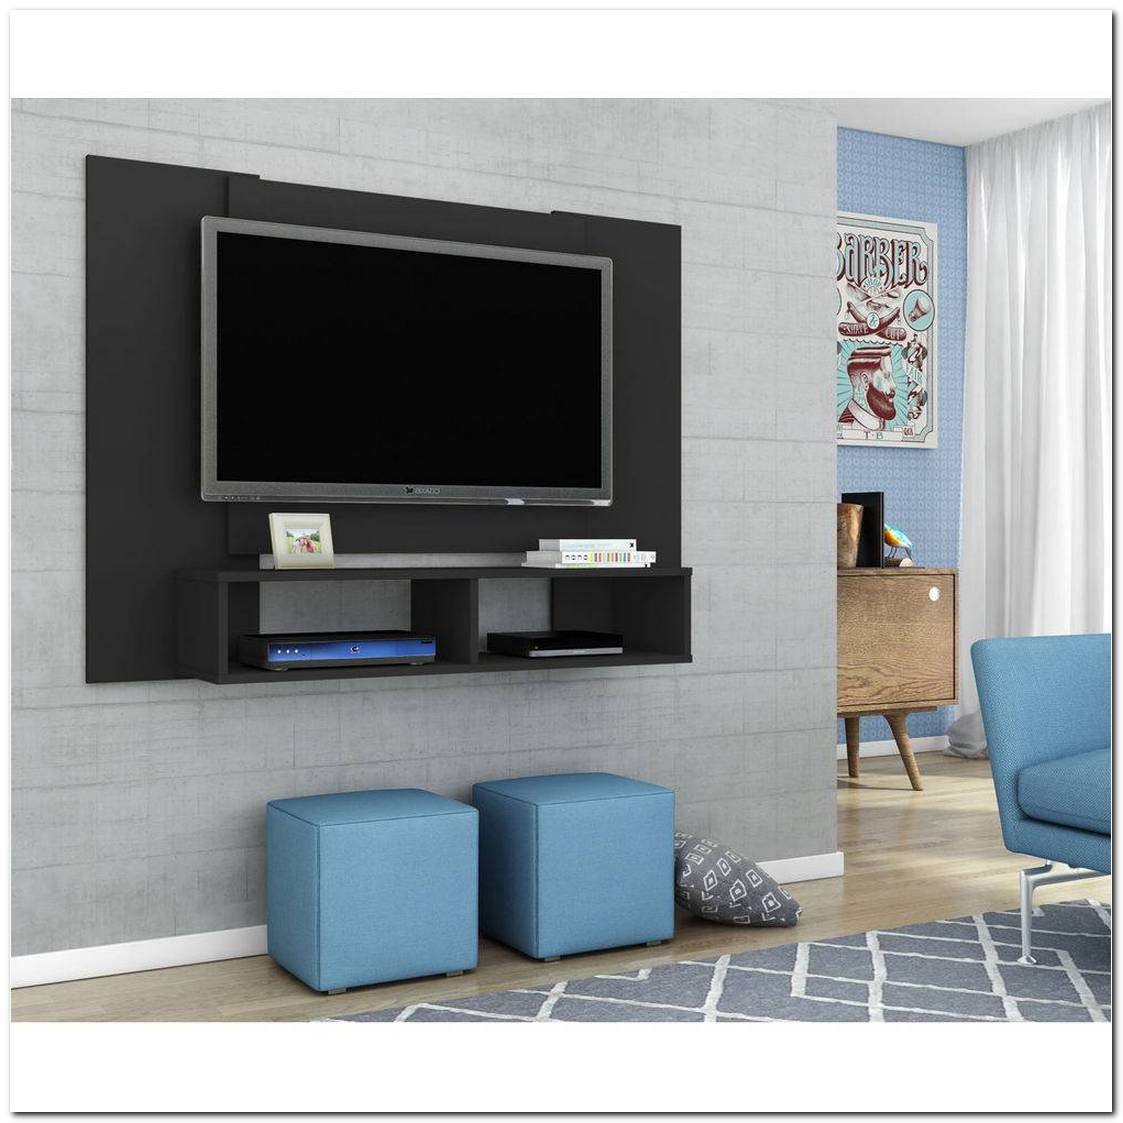 Painel De Tv Para Sala Pequena Americanas